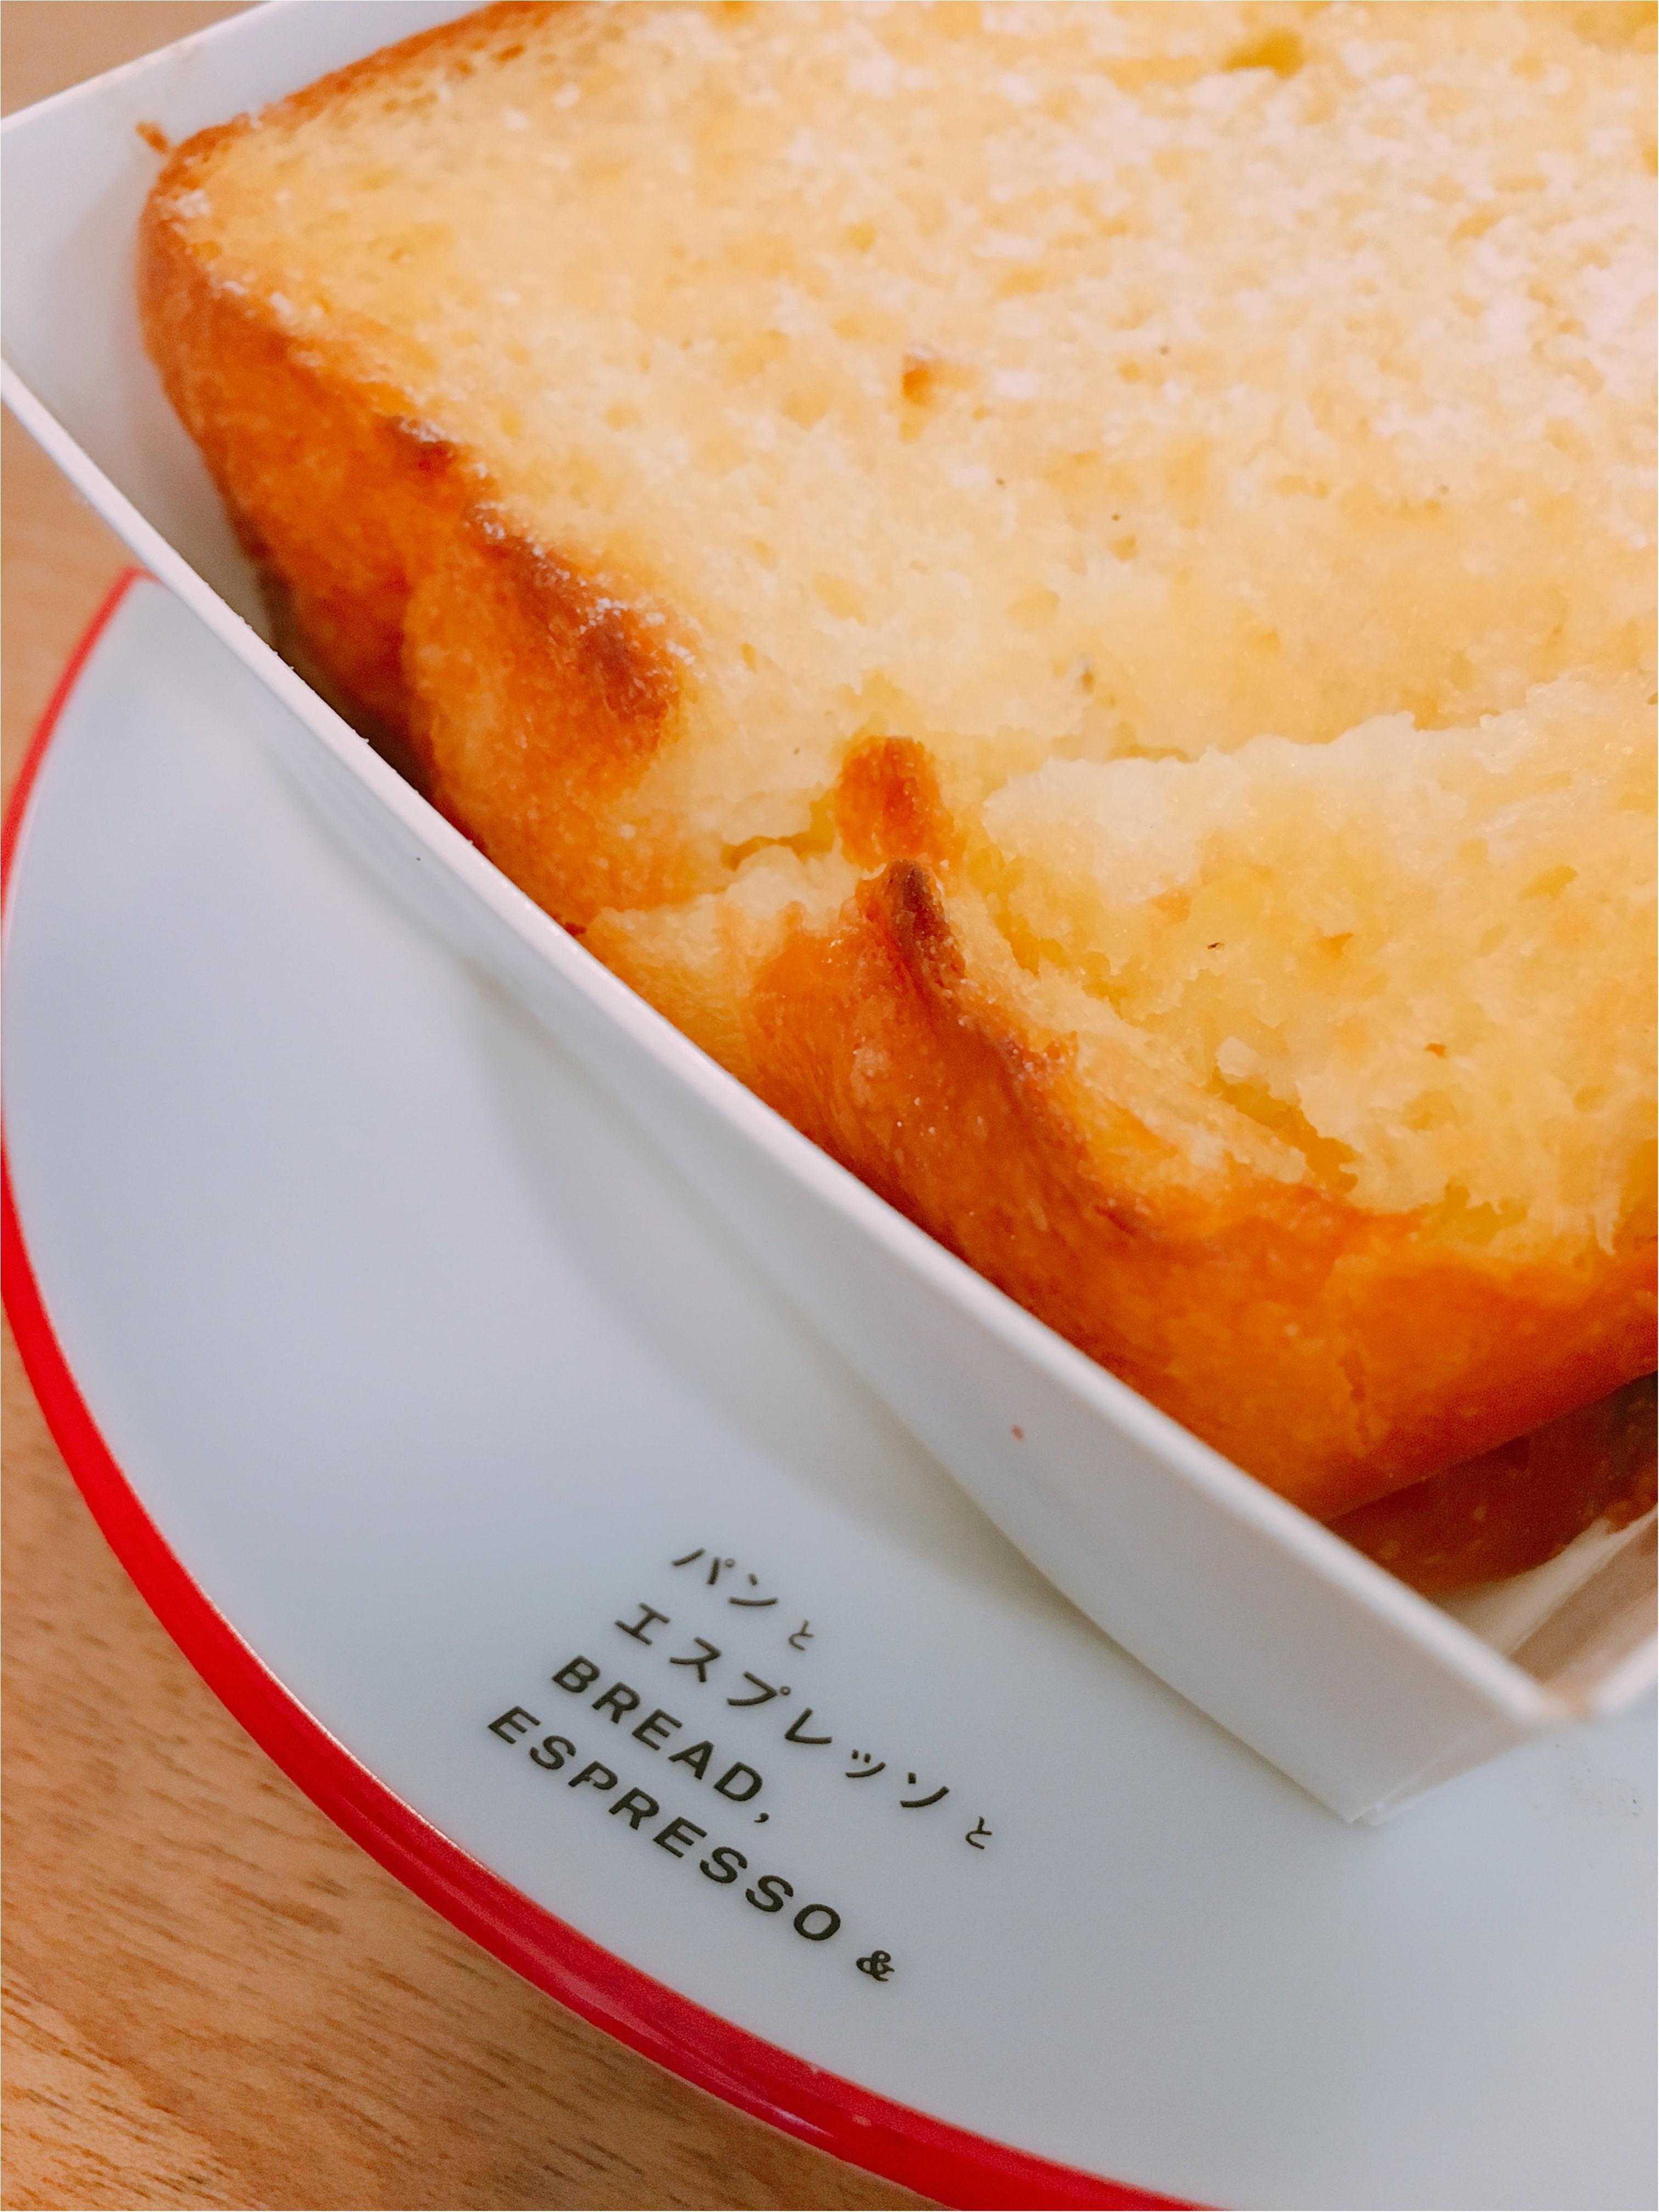 パンとエスプレッソと♡休日の朝は神宮前で朝食はいかがですか?byじゅな_1